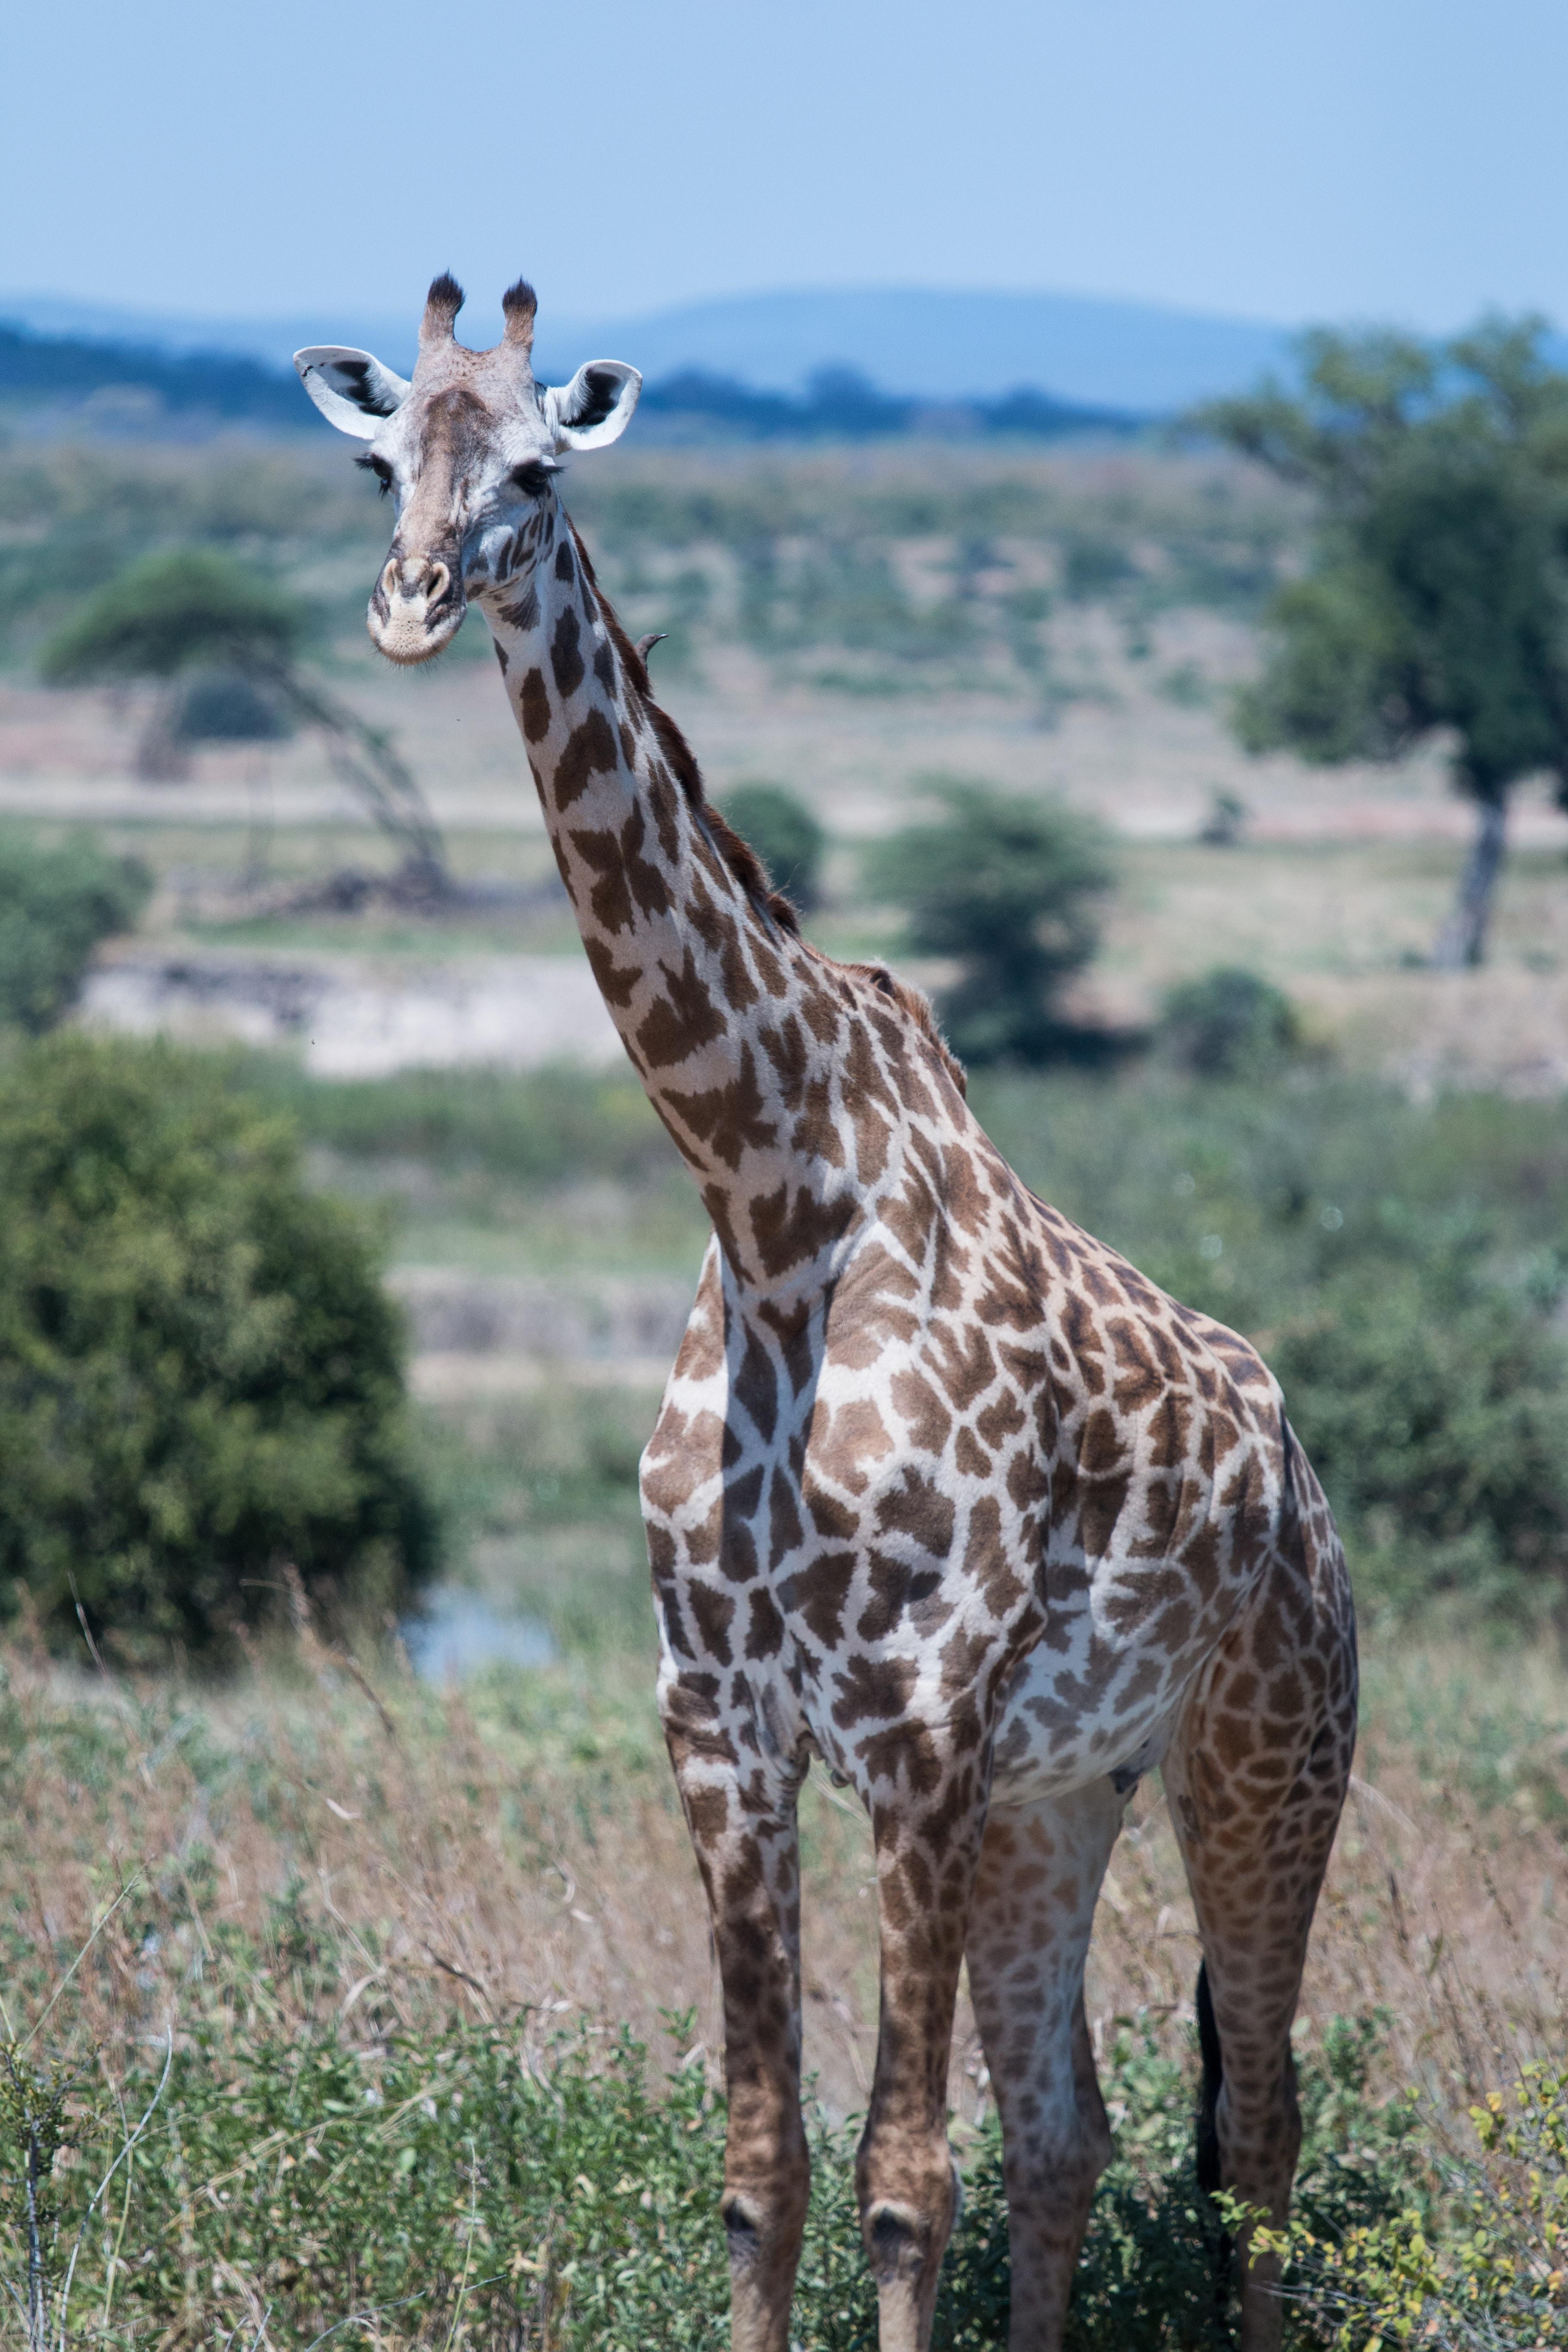 giraffe on field of grass